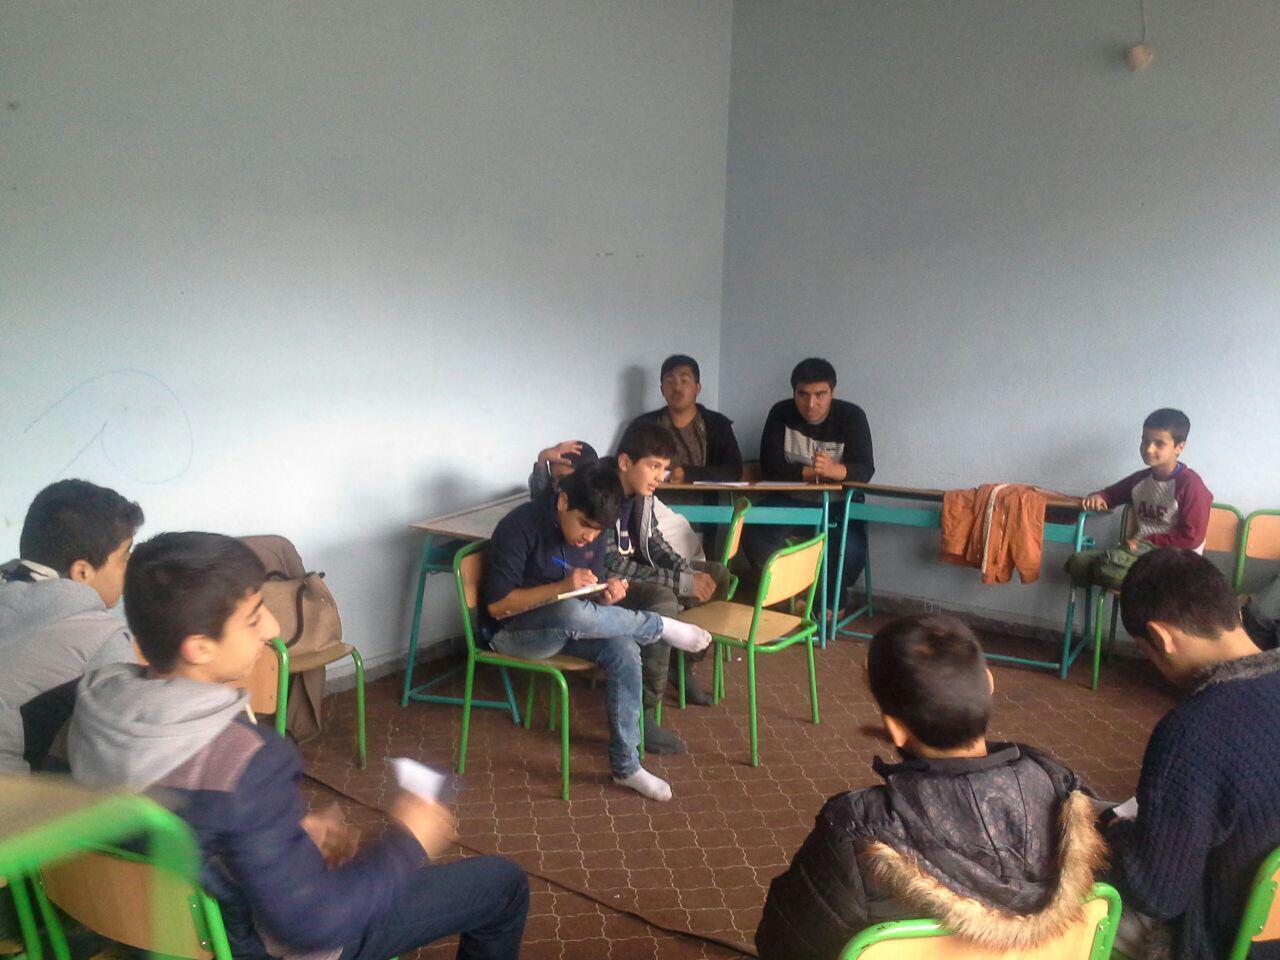 گروههای کتابخوانی در کتابخانه گنجه